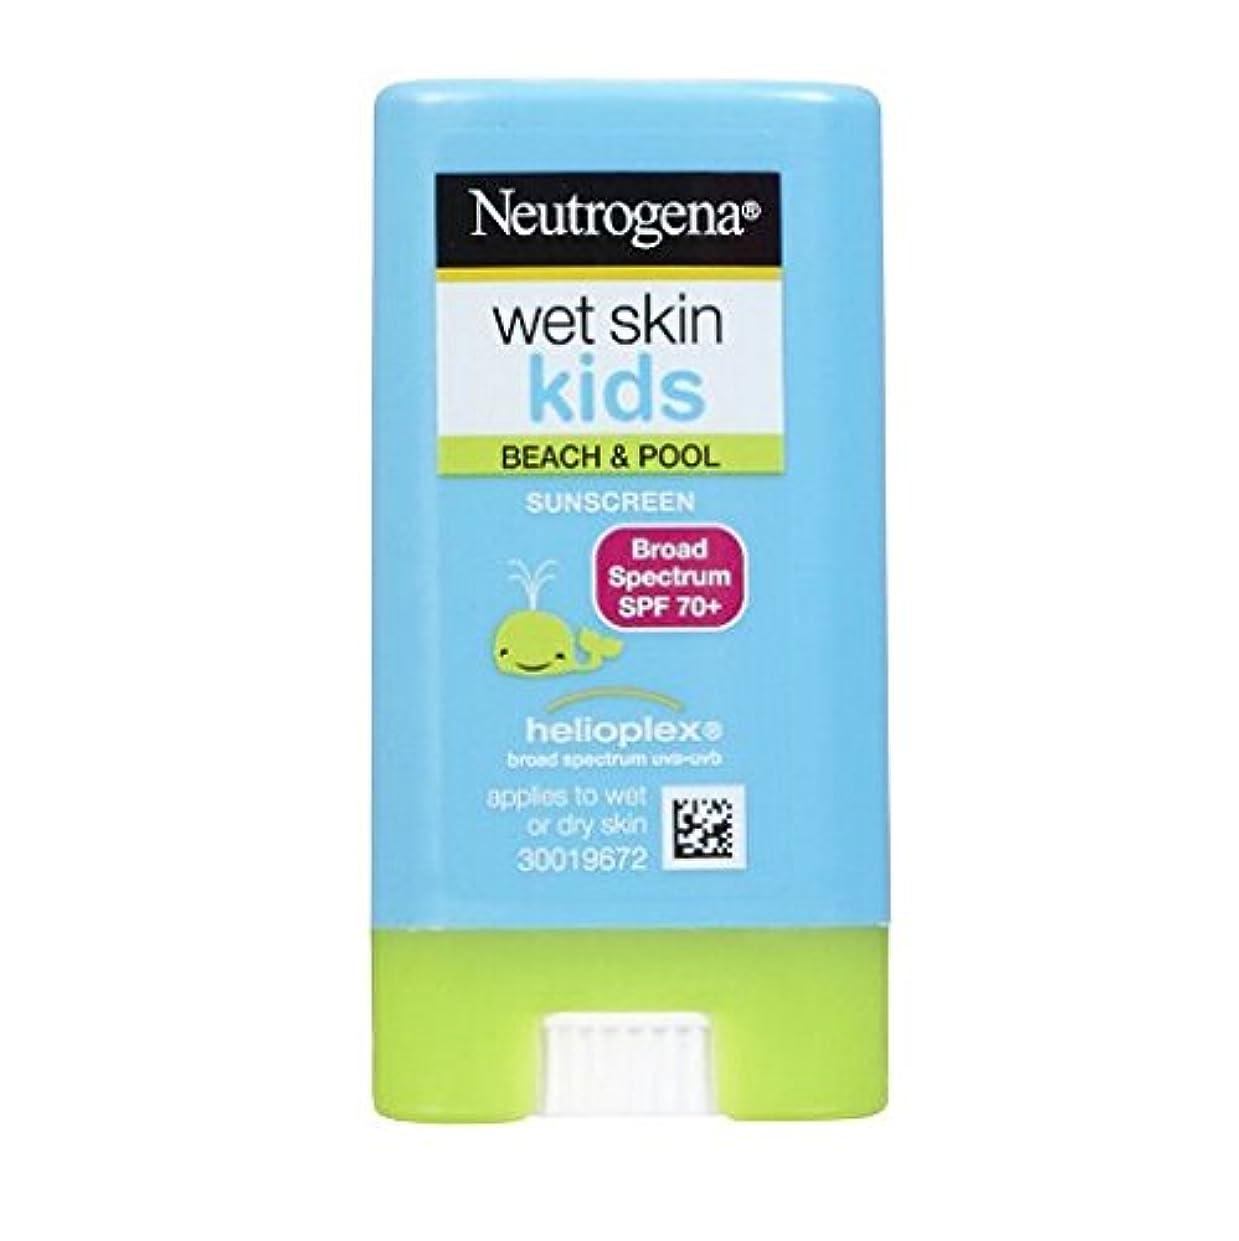 整然とした重々しい保証ニュートロジーナ サンスクリーン SPF70 小さな子にも塗りやすいスティックタイプ13g 100%ナチュラル処方 目にしみない日焼け止め 濡れた肌にもOK! ビーチやプールで大活躍 アメリカの皮膚科医が一番に勧めるサンスクリーン Neutrogena Wet Skin Kids Beach & Pool Sunscreen Stick Broad Spectrum SPF 70, .47 oz [並行輸入品]